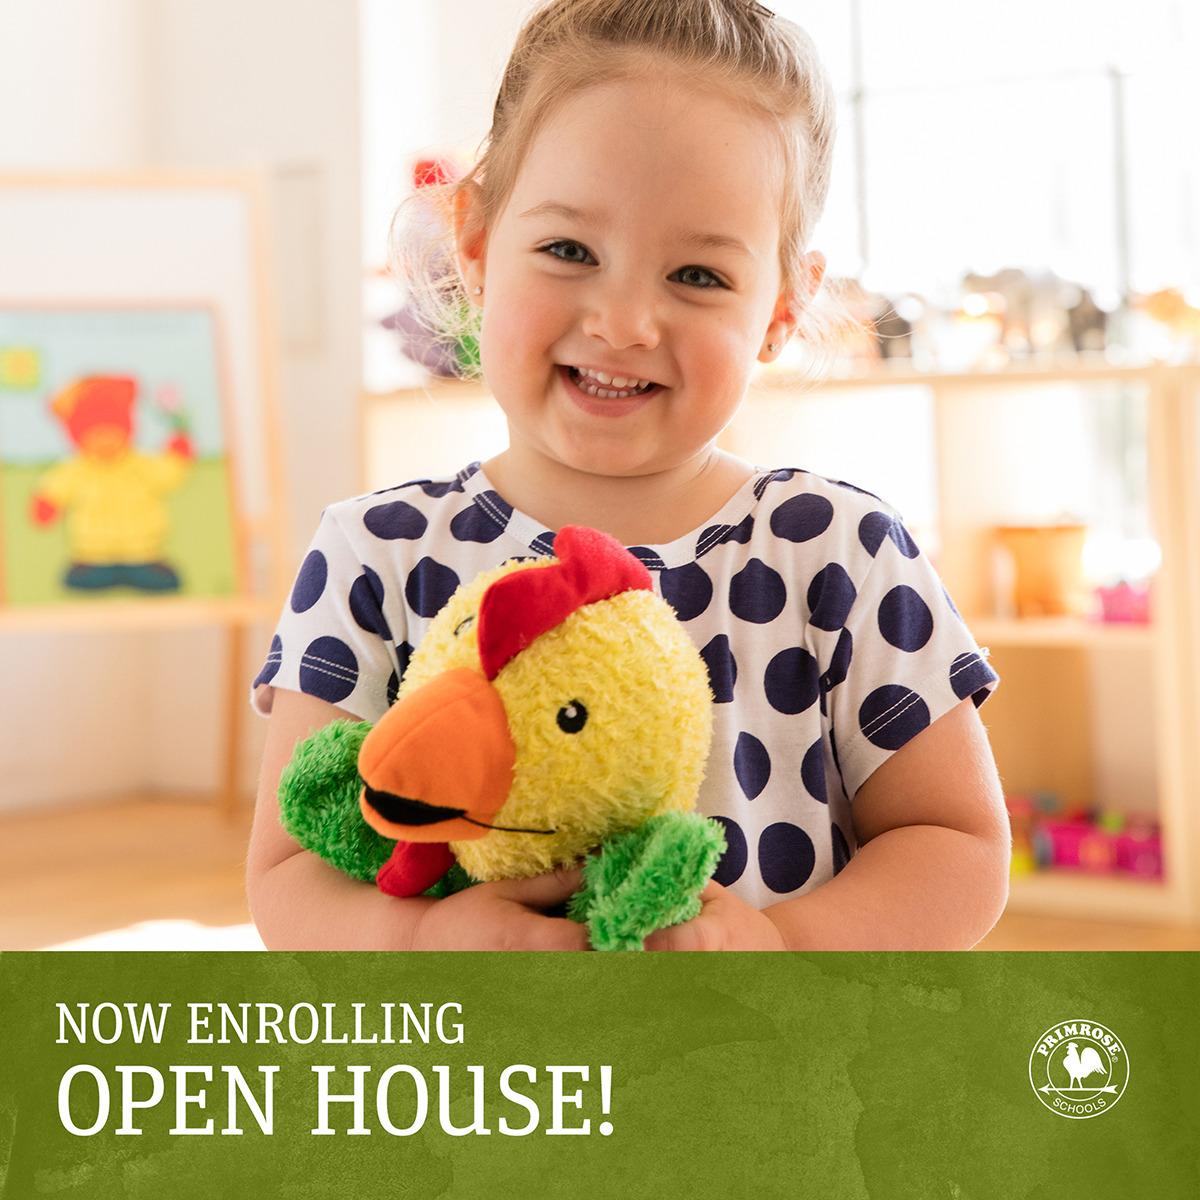 preschool daycare enrolling infants